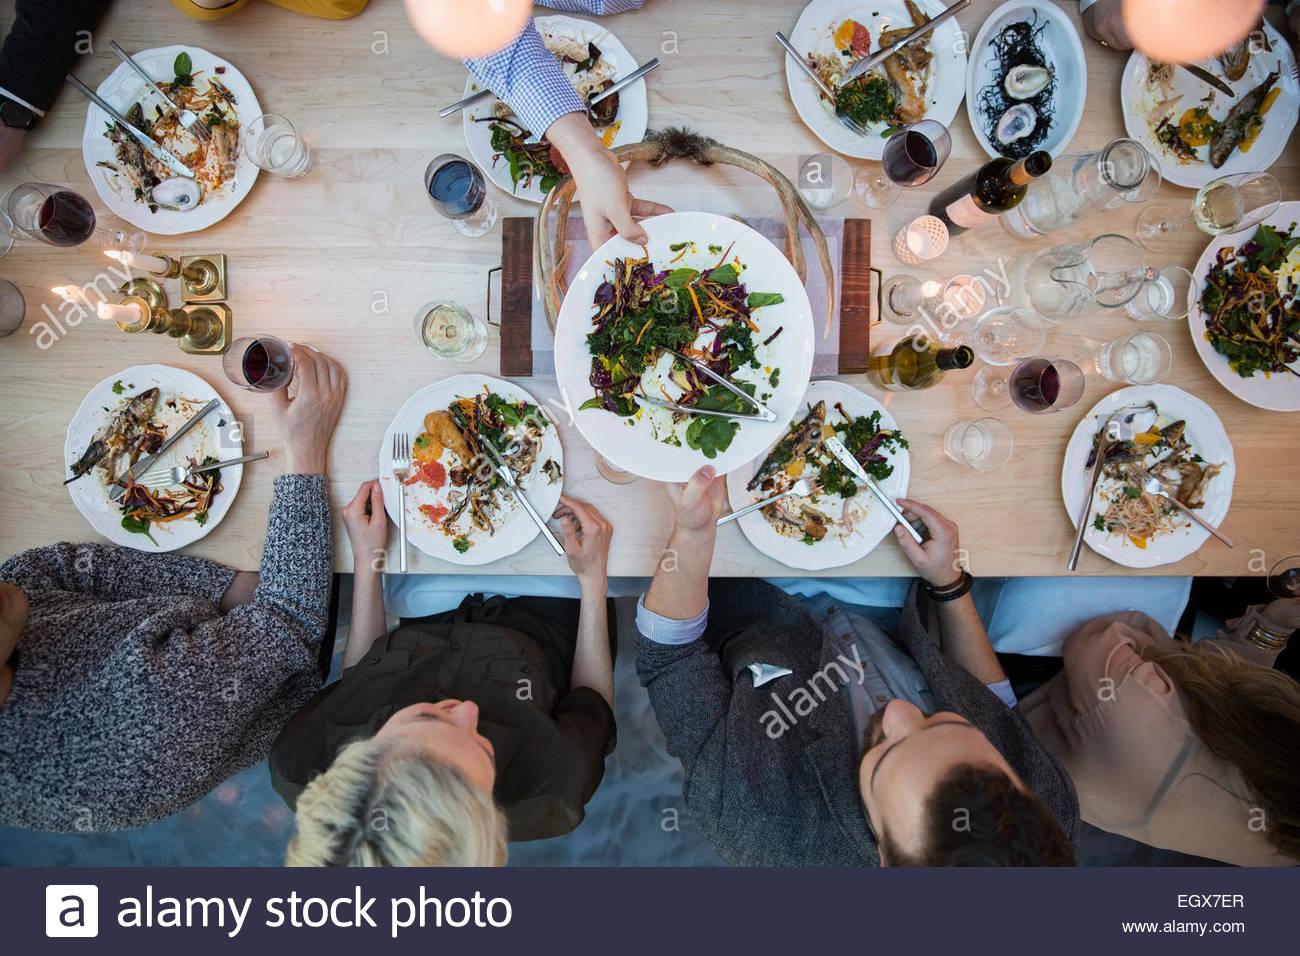 Vista desde arriba amigos comiendo en el restaurante table Imagen De Stock